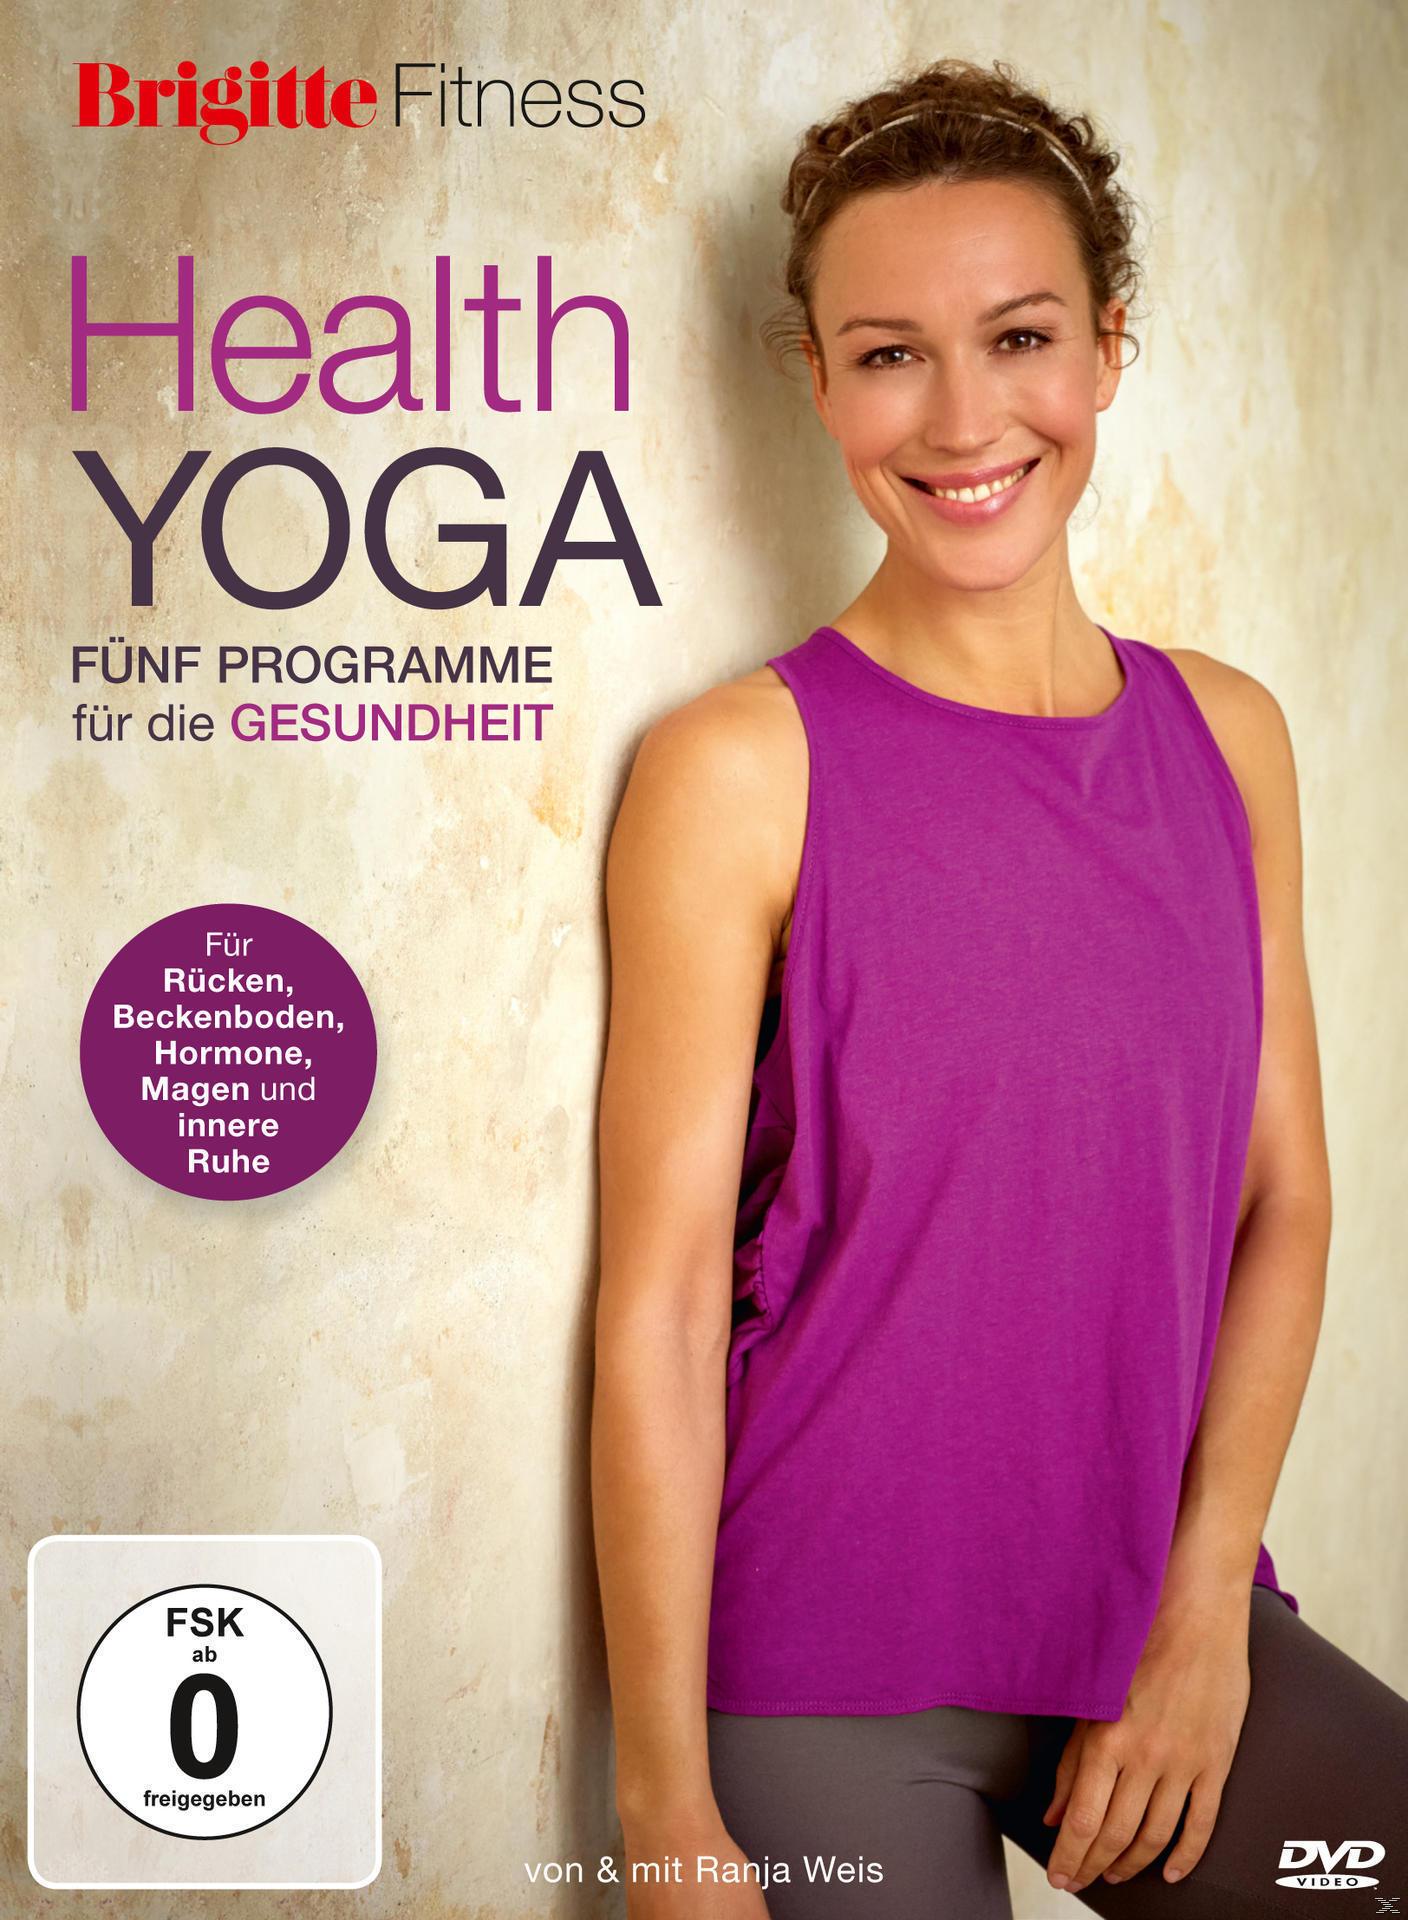 Health Yoga - fünf Programme für die Gesundheit (DVD) für 16,99 Euro